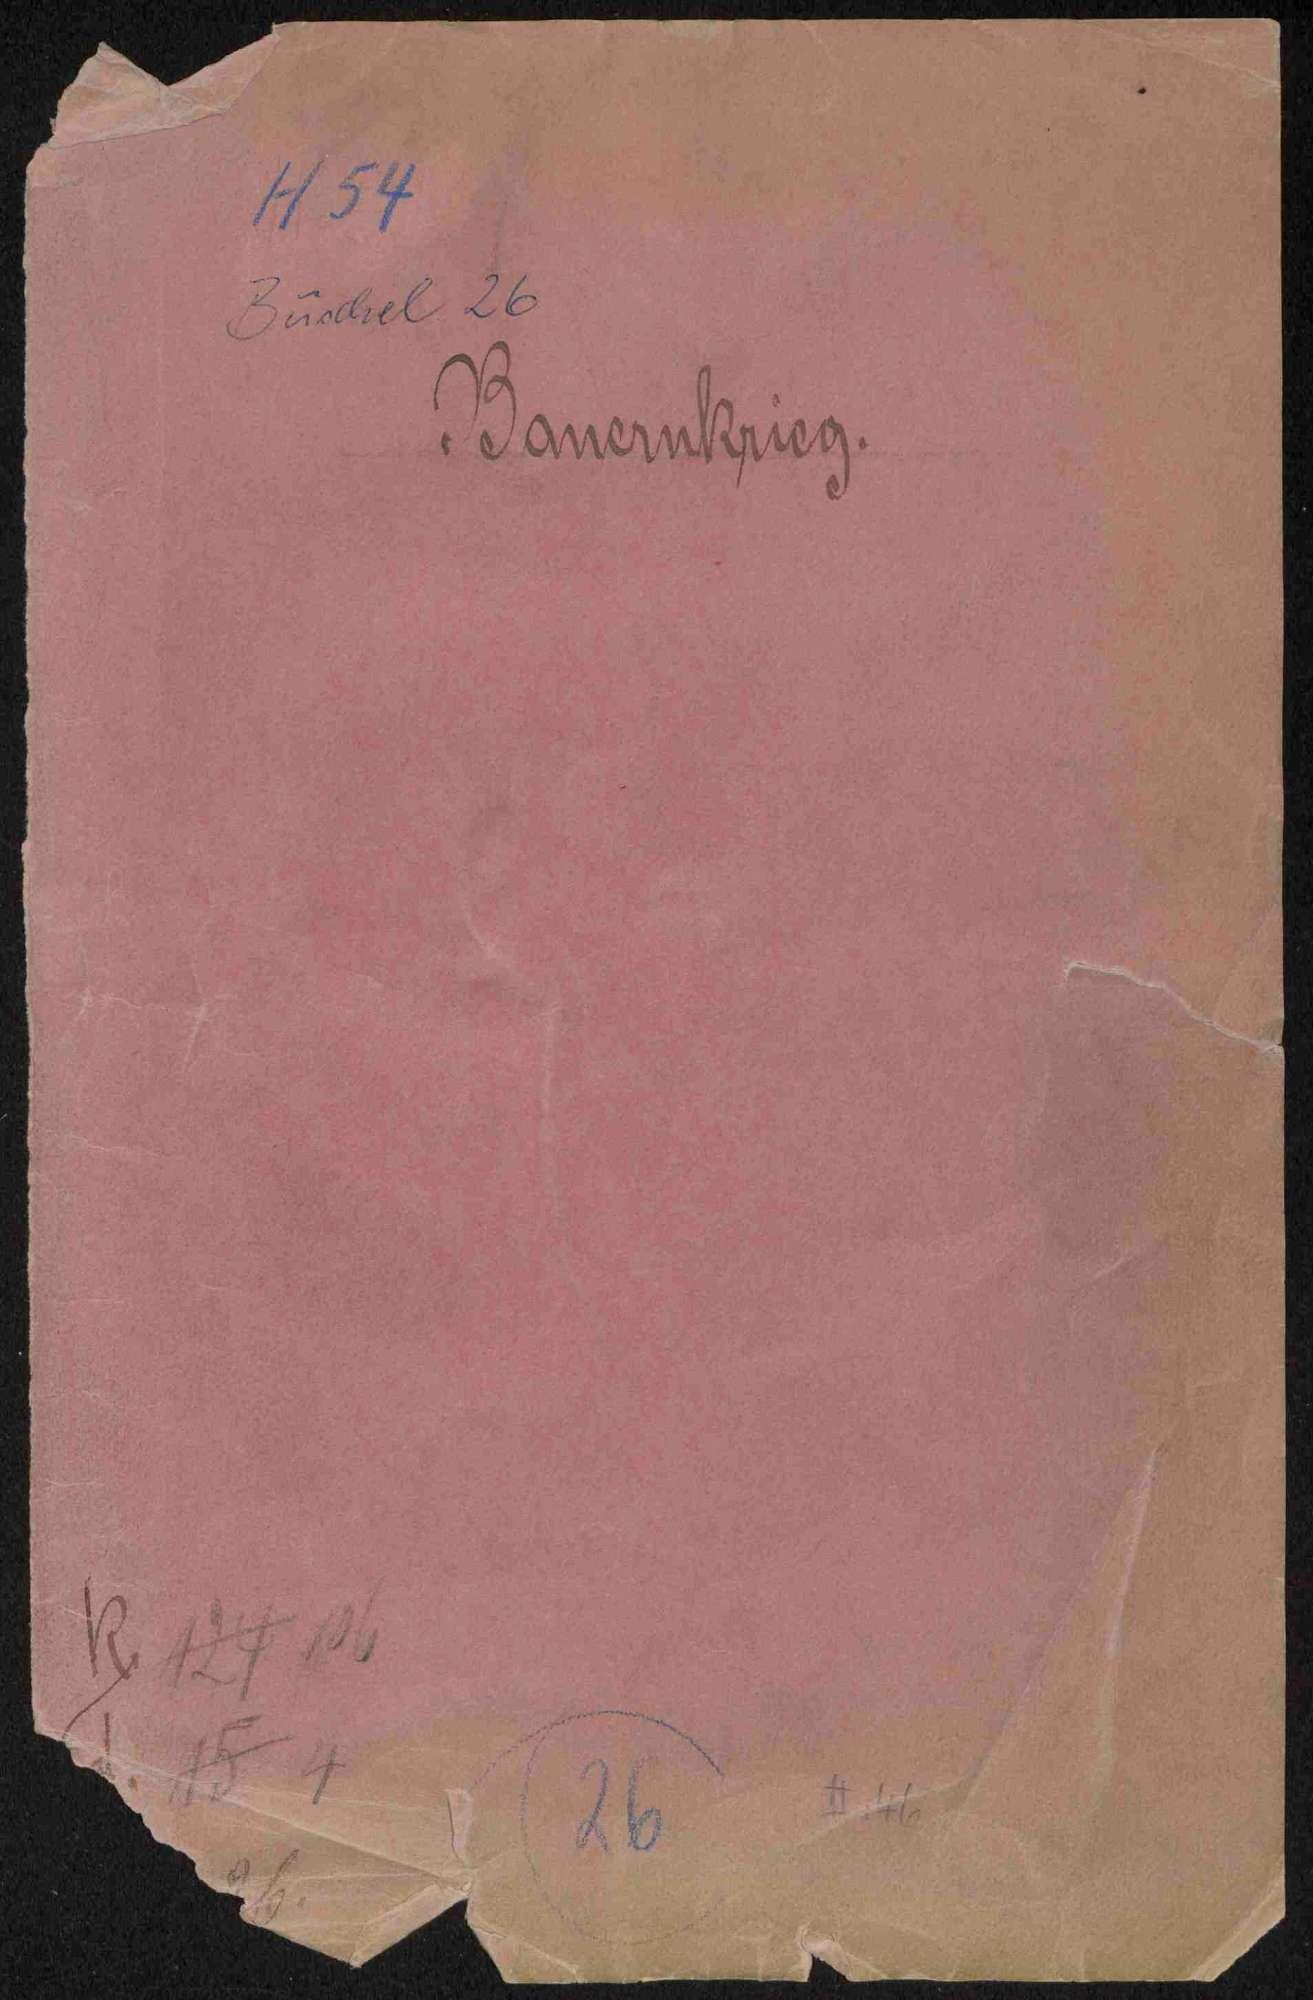 Schriften zu Vorgängen während des Bauernkrieges, u.a. Bauernkorrespondenz, Bild 1